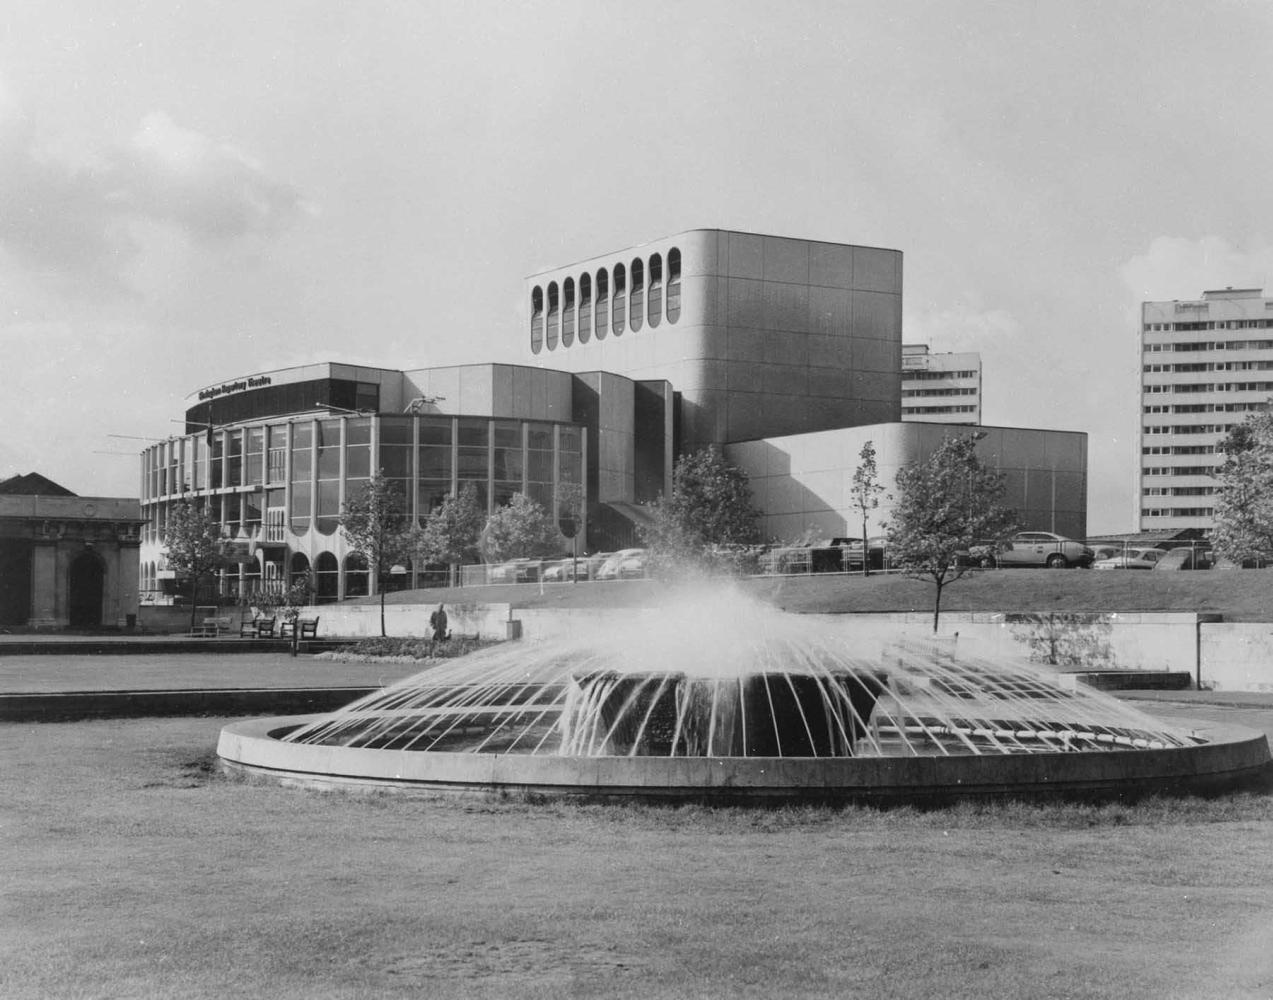 Театр в Бермингеме. 1972.